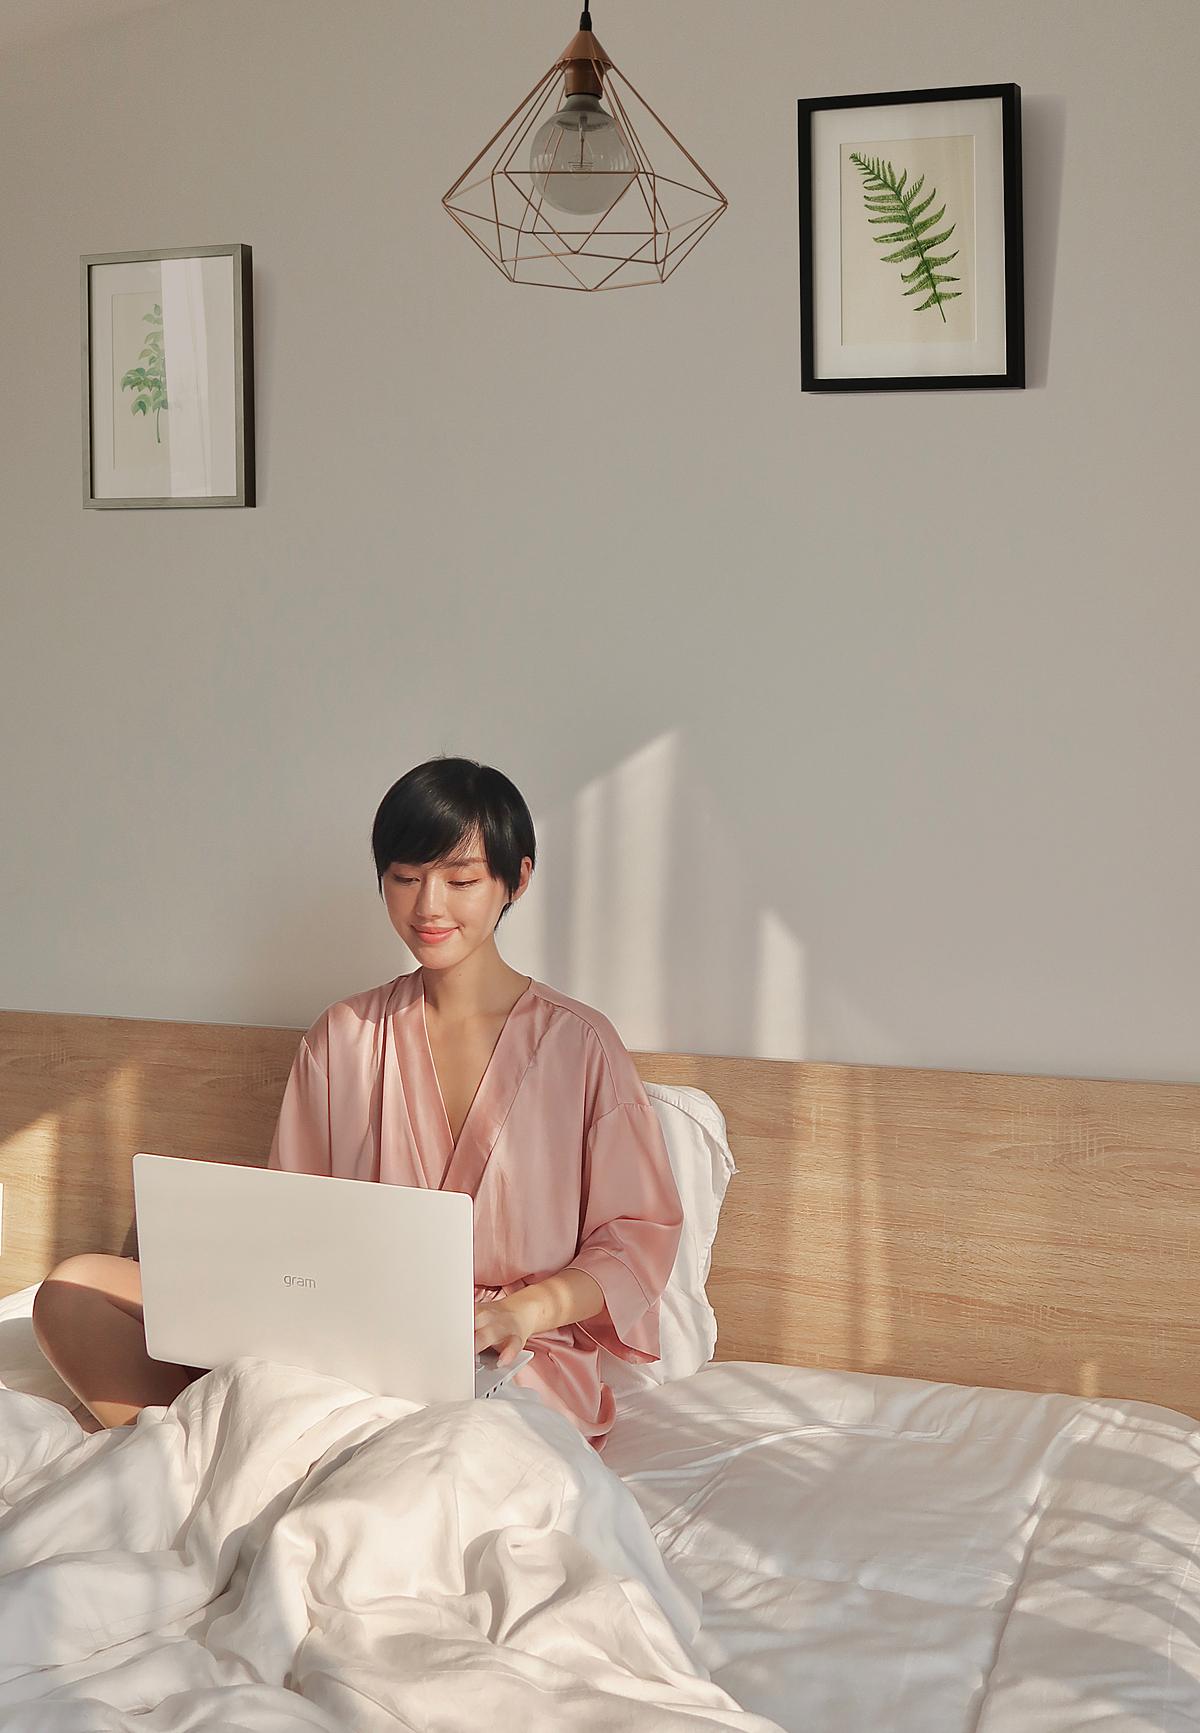 Công việc bận rộn và đòi hỏi tính linh hoạt nên chiếc laptop LG gram cho phépKhánh Linh có thể làm việc cả khi ngồi trên giường.